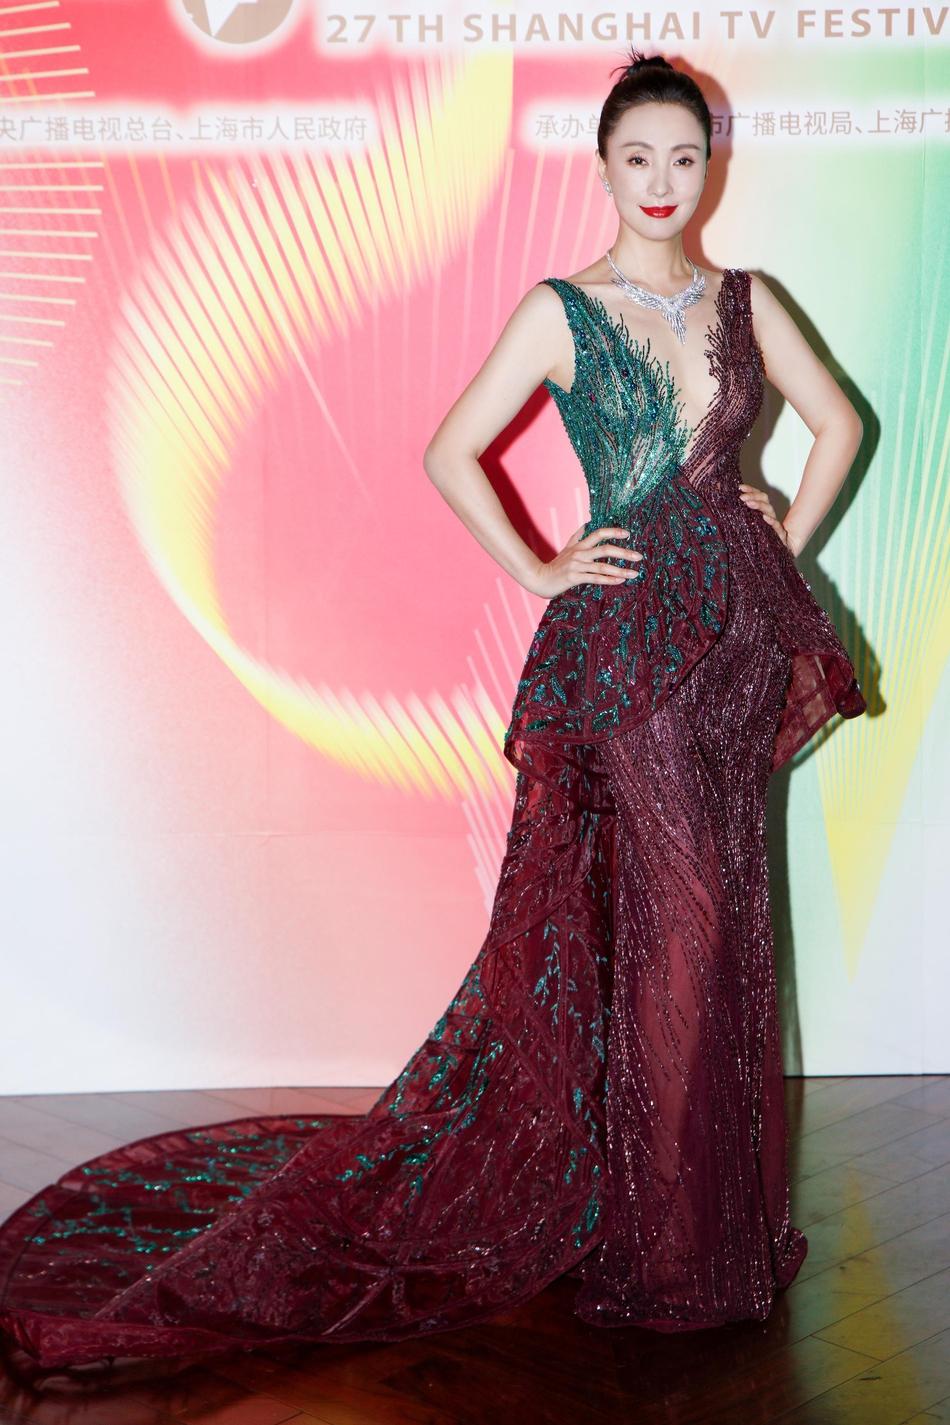 Tối 10/6, Liên hoan phim truyền hình quốc tế Thượng Hải khai mạc. Đào Hồng là một trong những sao nữ diện trang phục đẹp, cuốn hút, nhận  nhiều lời khen từ truyền thông. Sina, Sohu... đều đăng tài hình ảnh riêng của cô trong bộ đầm màu đỏ rượu tôn lên làn da trắng sáng.